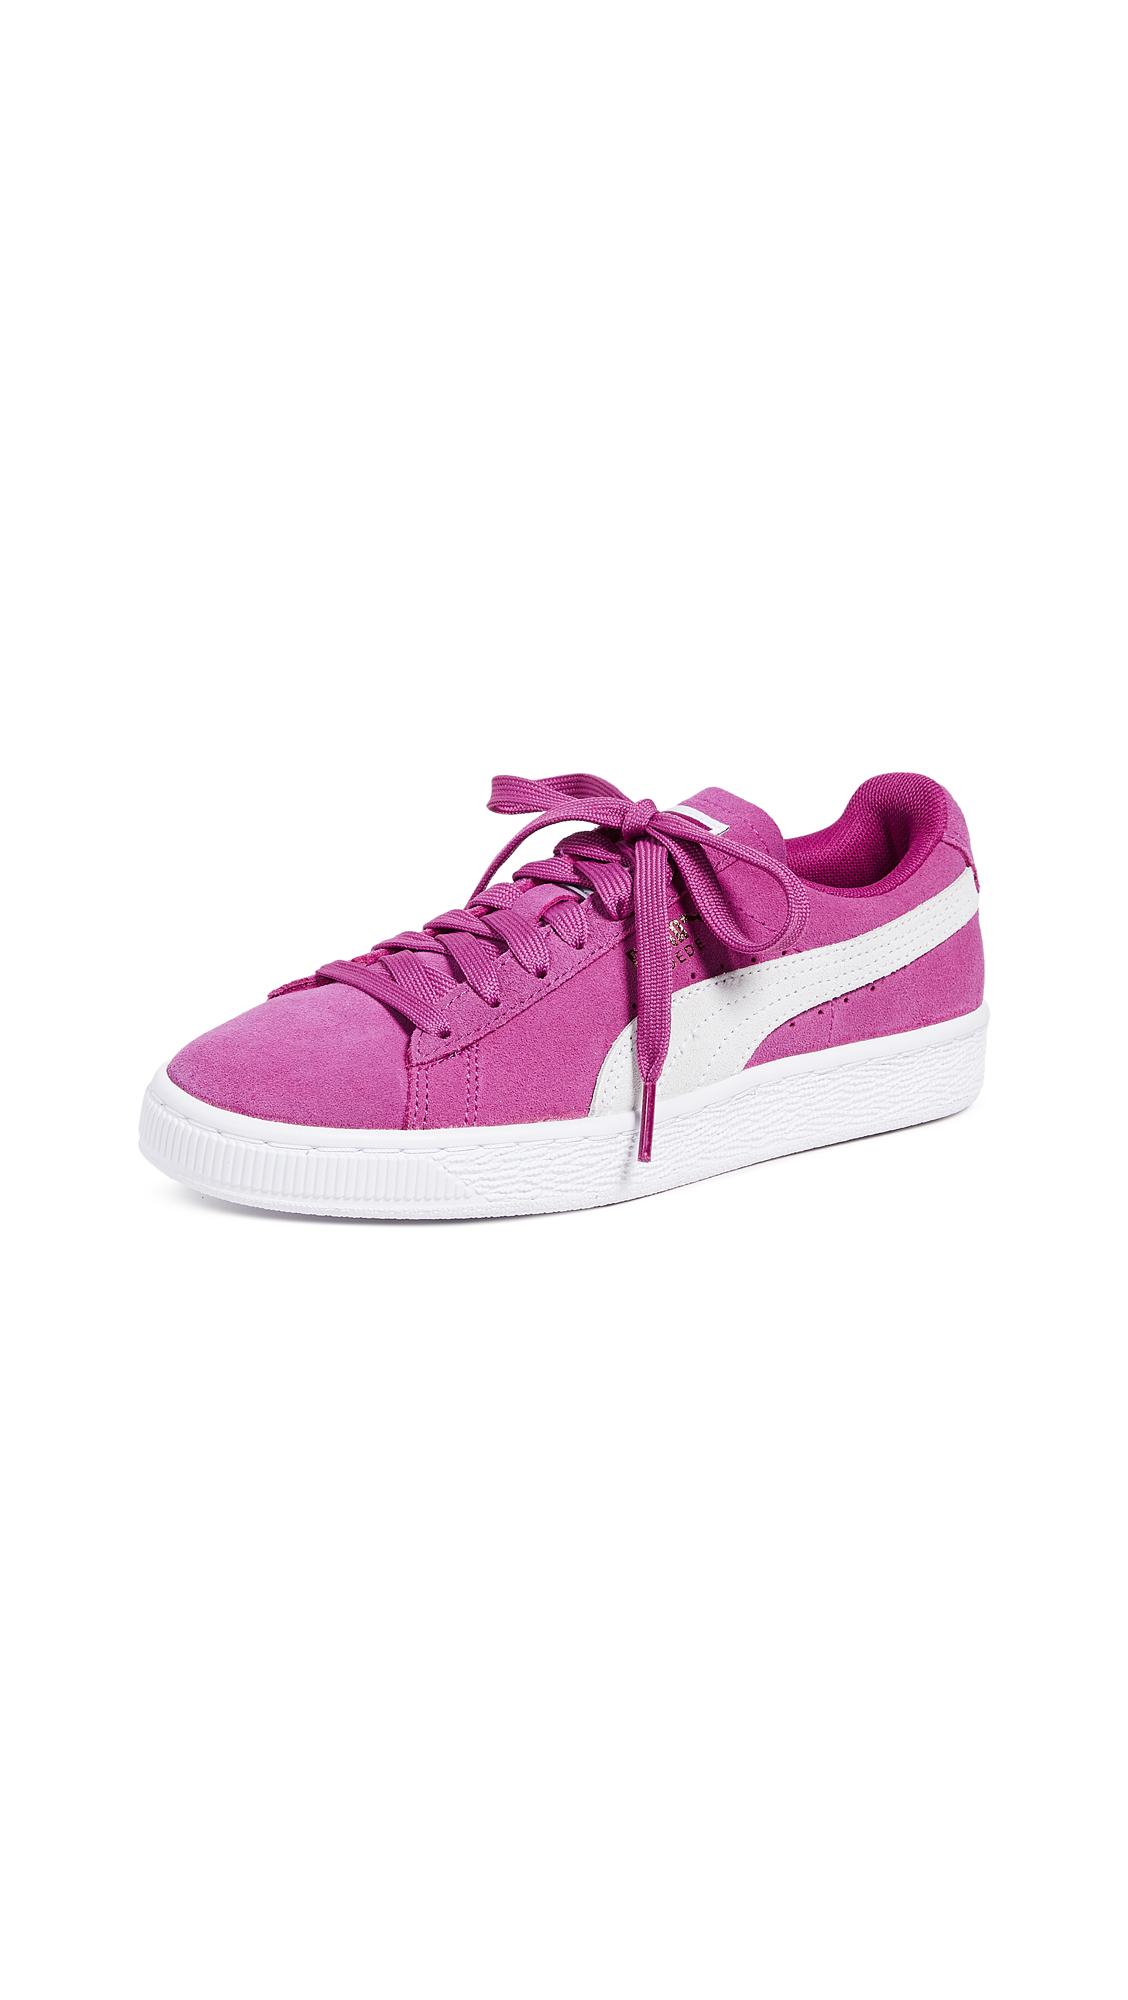 PUMA Suede Classic Sneakers - Magenta Haze/Puma White